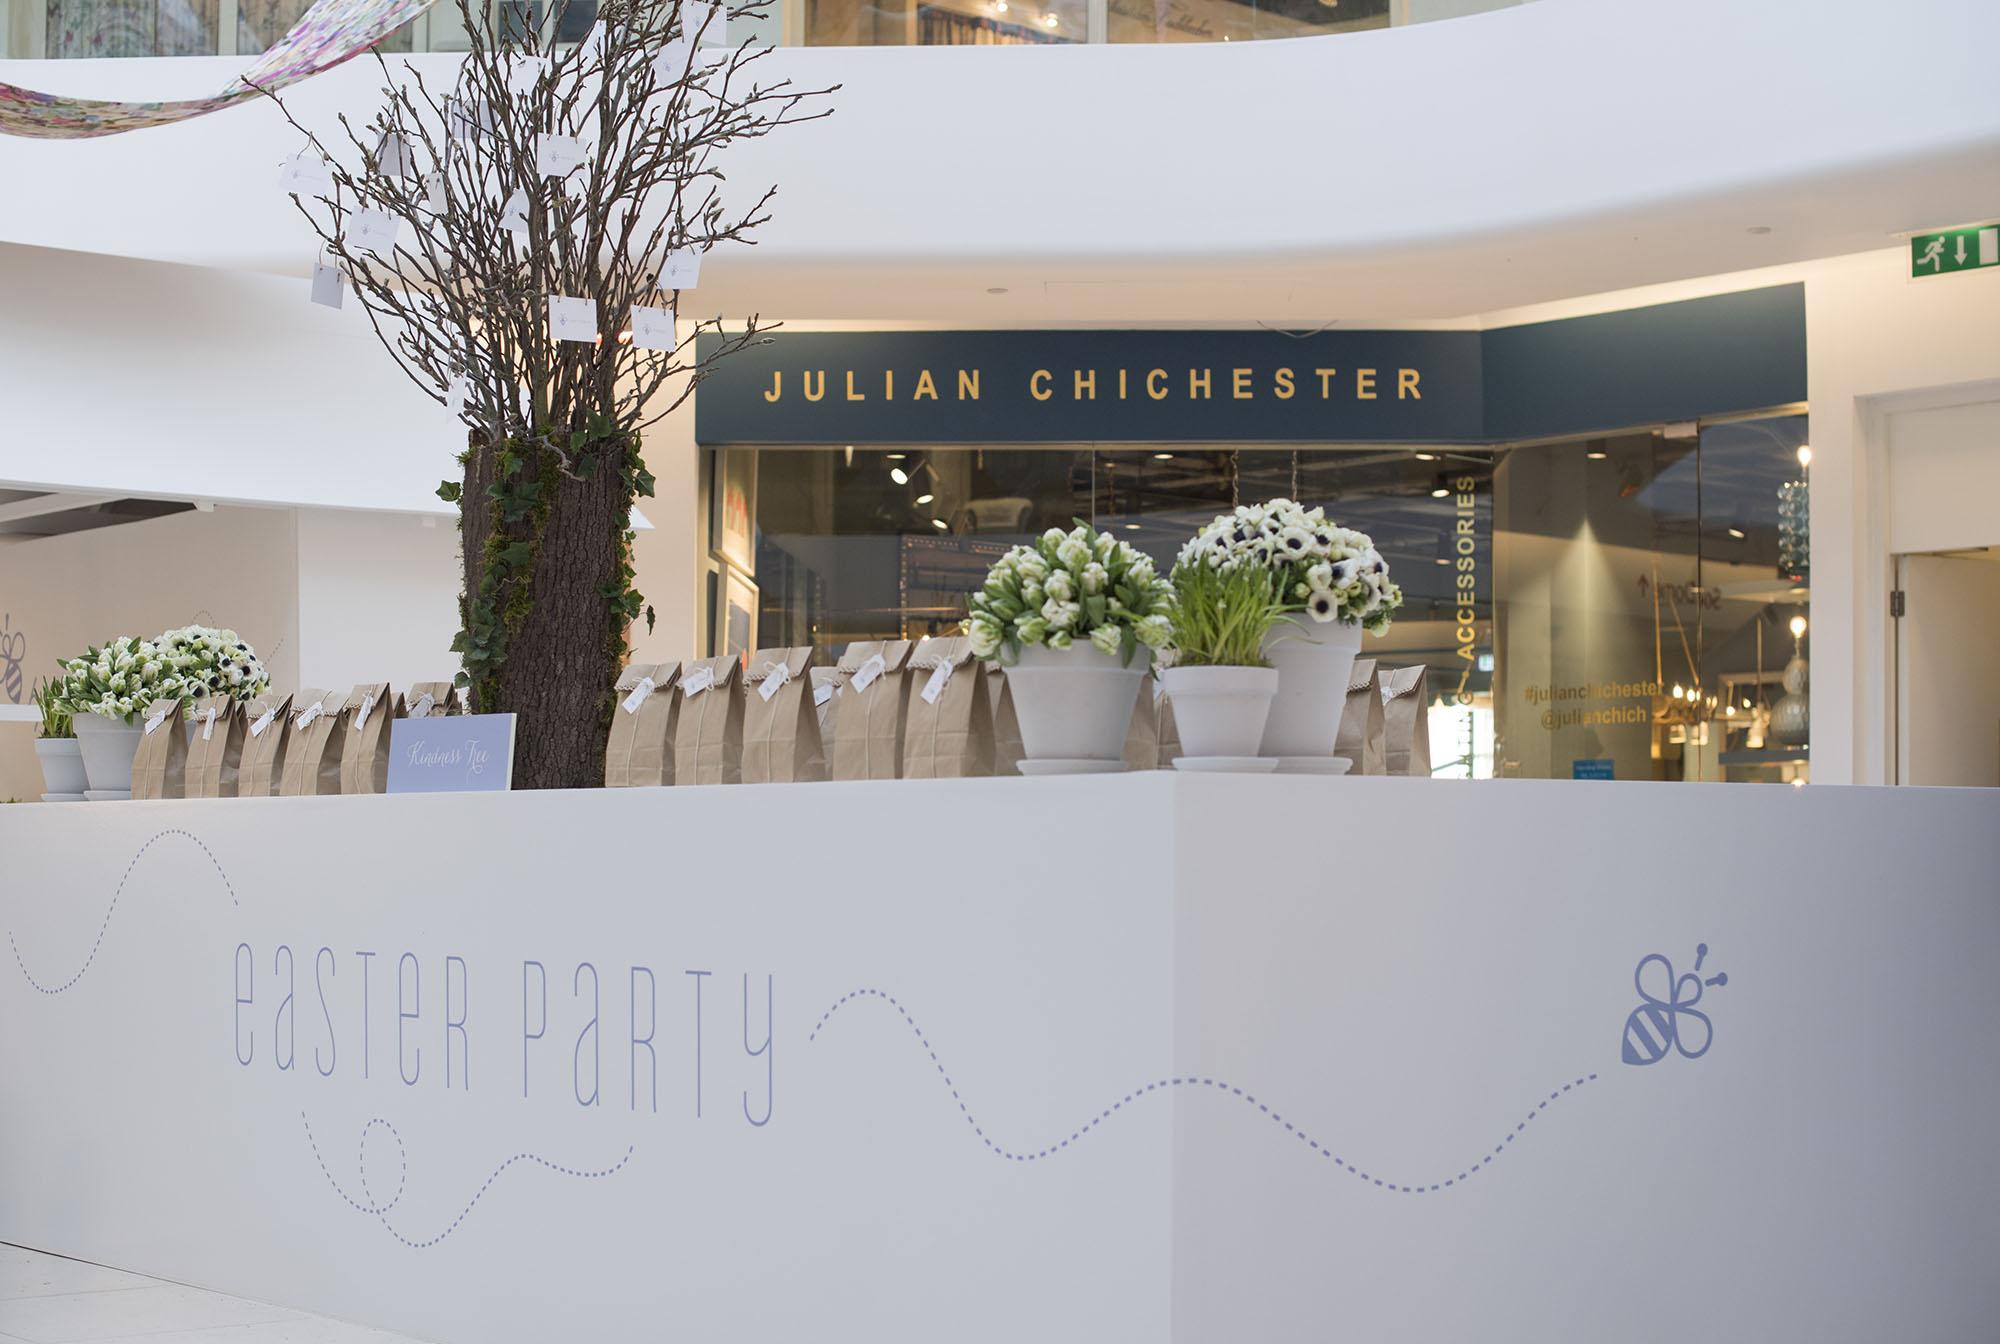 Bolter Design environmental design for the Design Centre